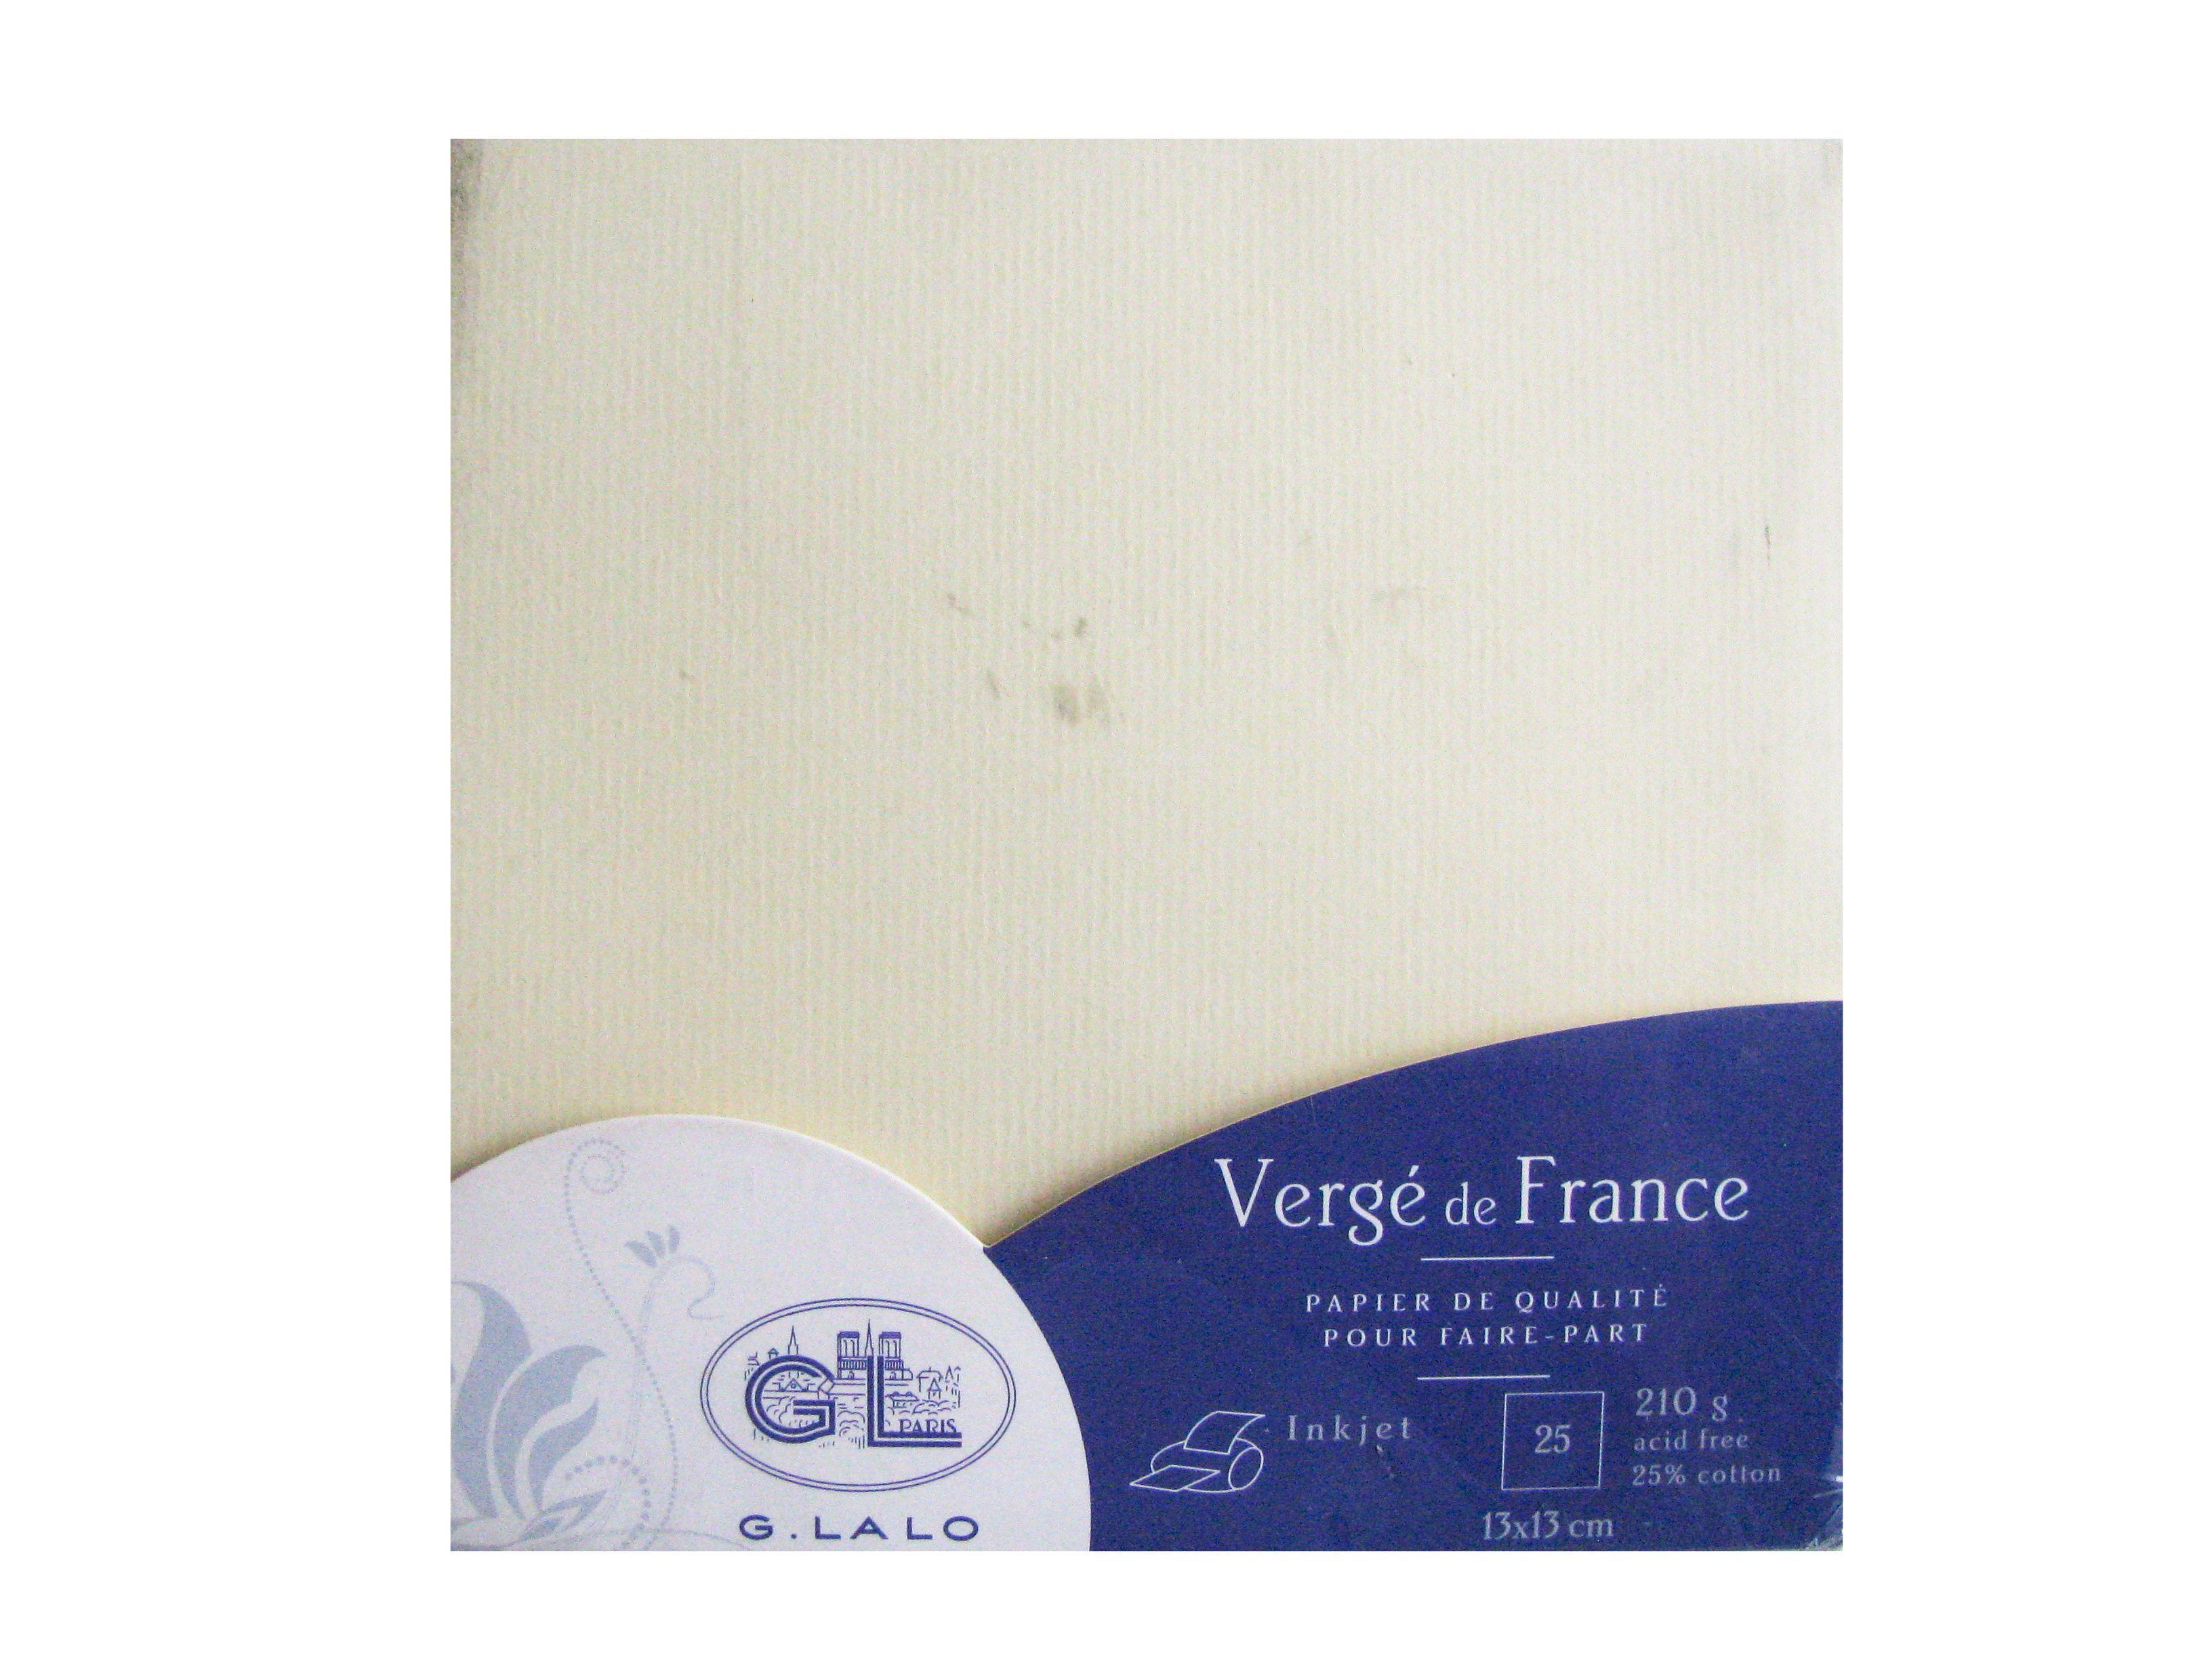 G.LALO 25 Cartes Vergé de France 135x135 mm 210g Ivoire